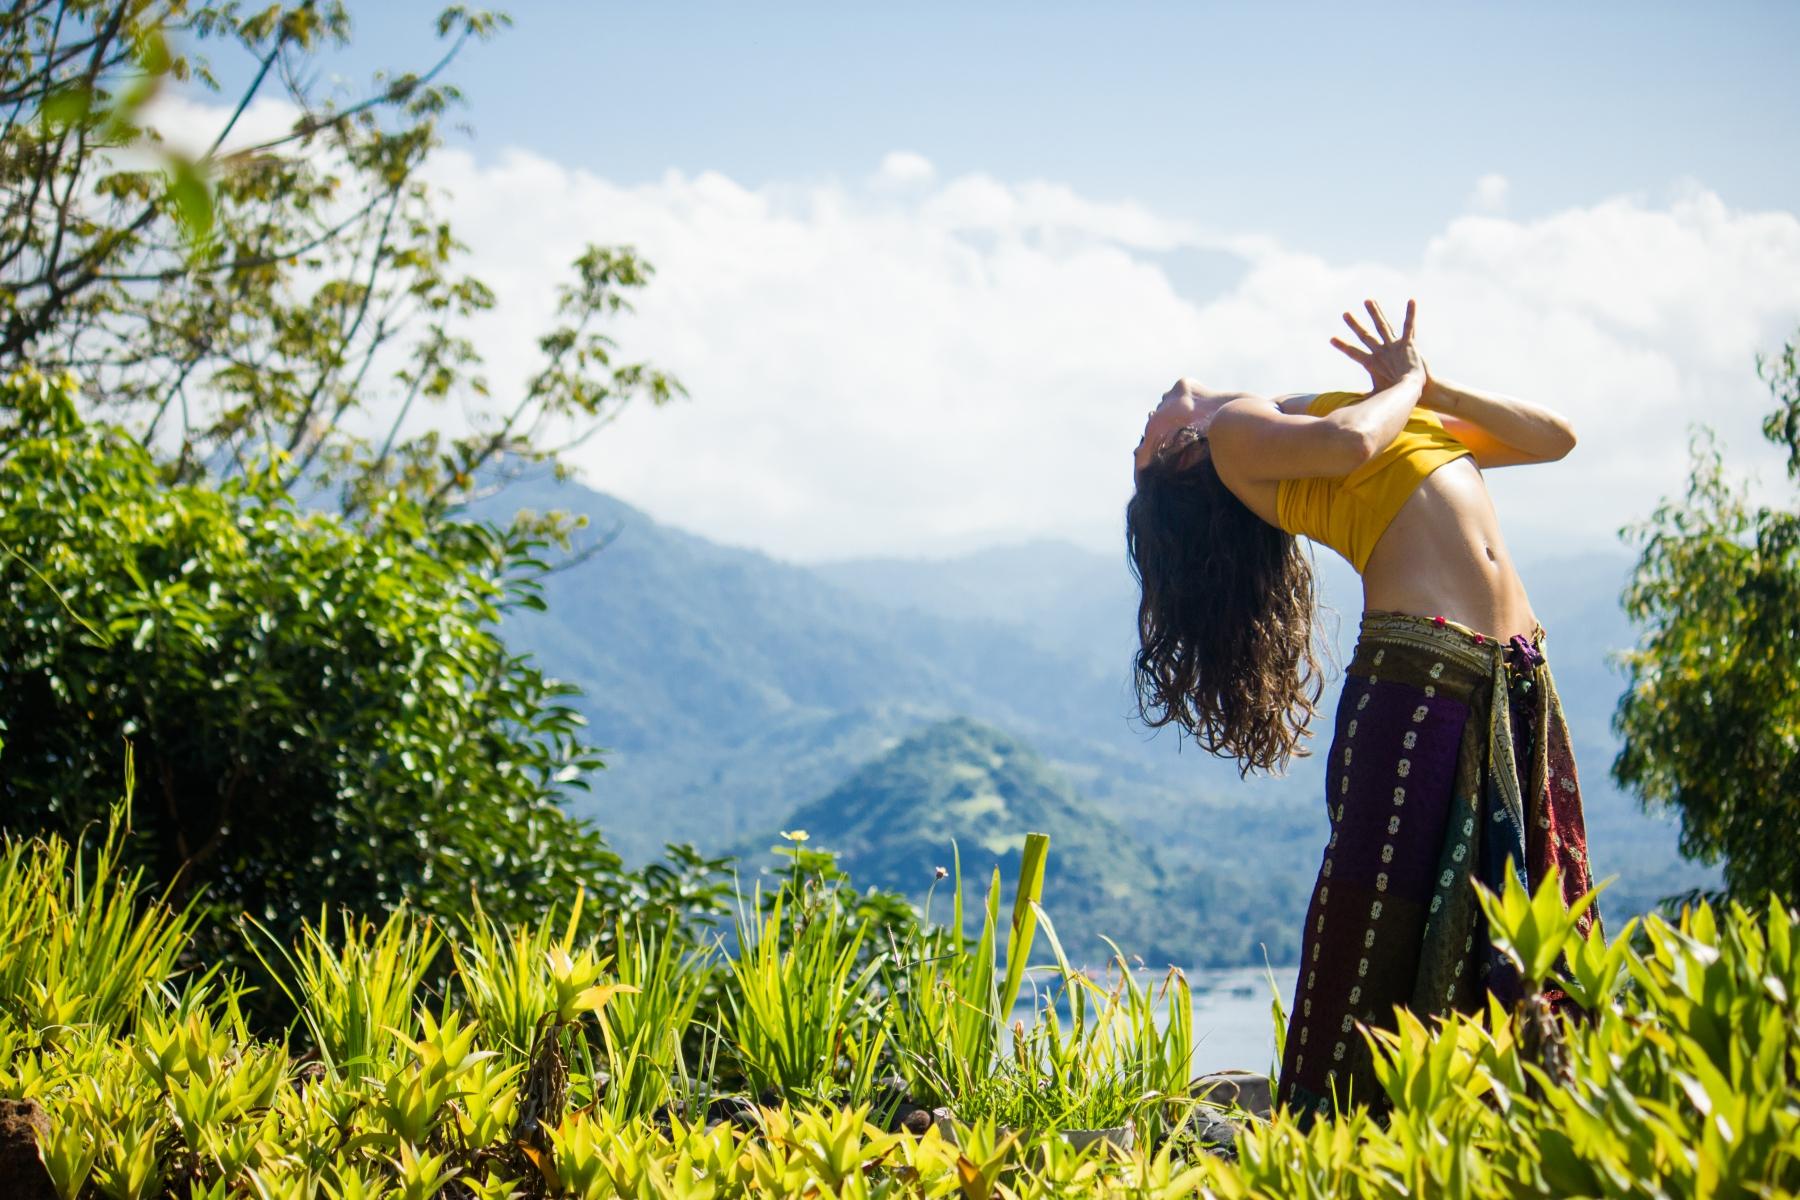 #Polly #Yoga Frog # Bali